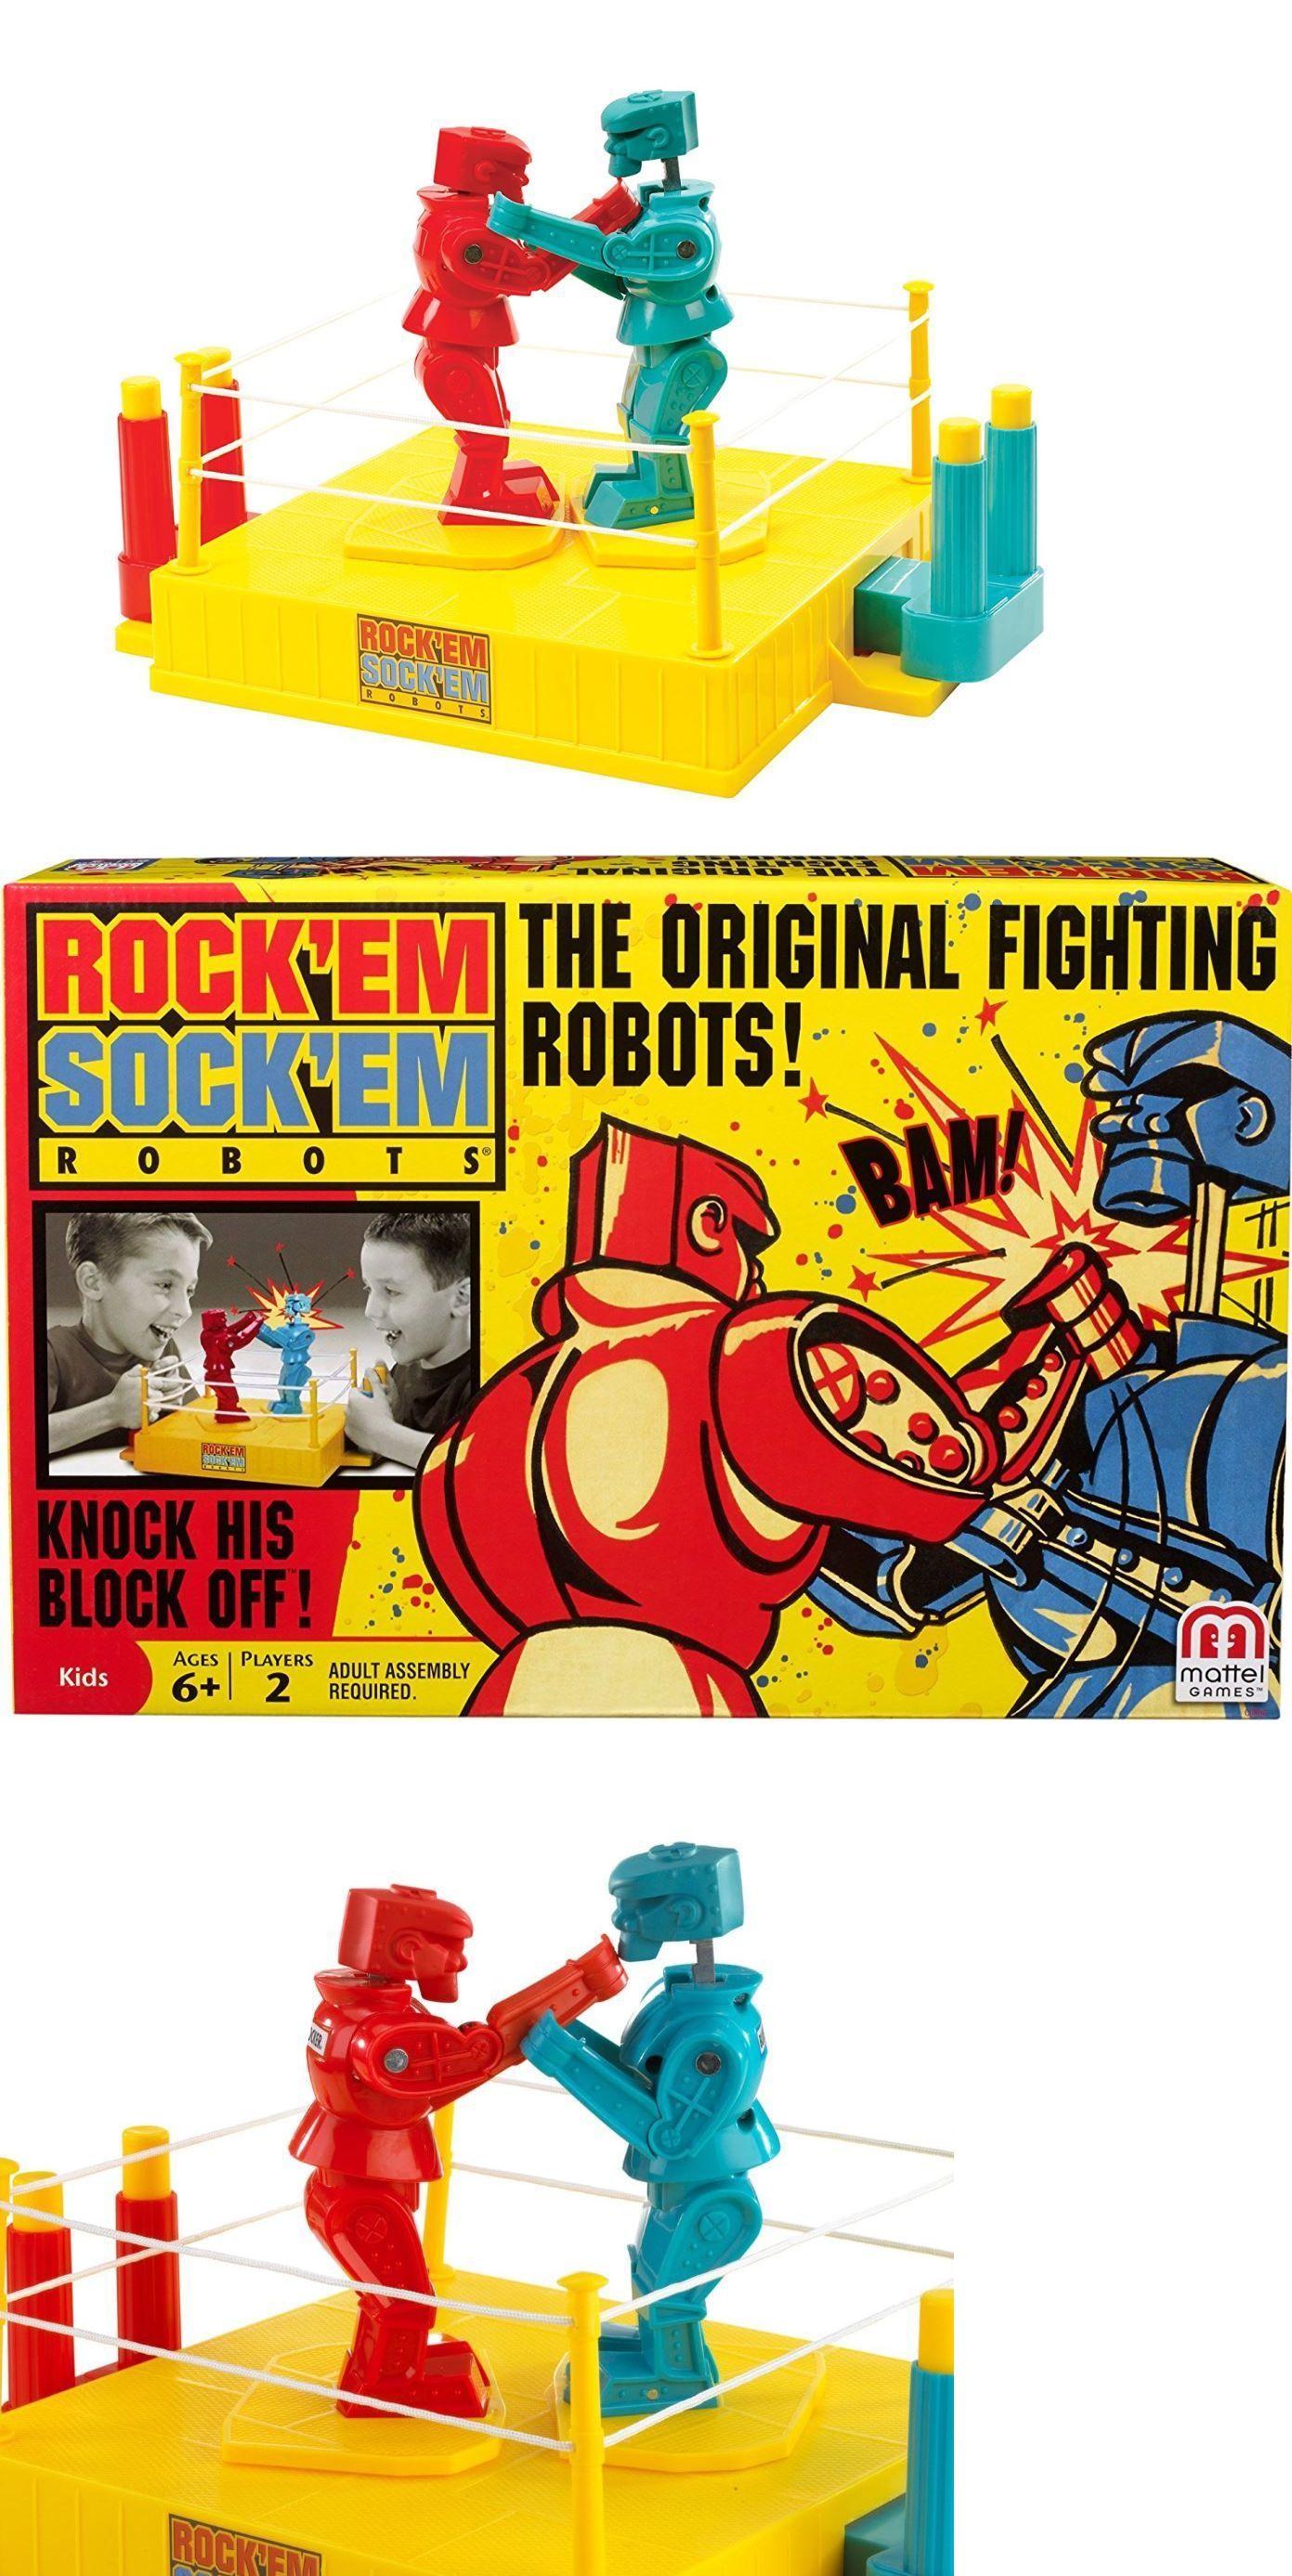 Rockem Sockem Robots 158753: 6 Year Old Boy Toys 7 8 9 Kids Age 2 Player Robot Boxing Game Match Child Gift -\u003e BUY IT NOW ONLY: $29.99 on #eBay #rockem